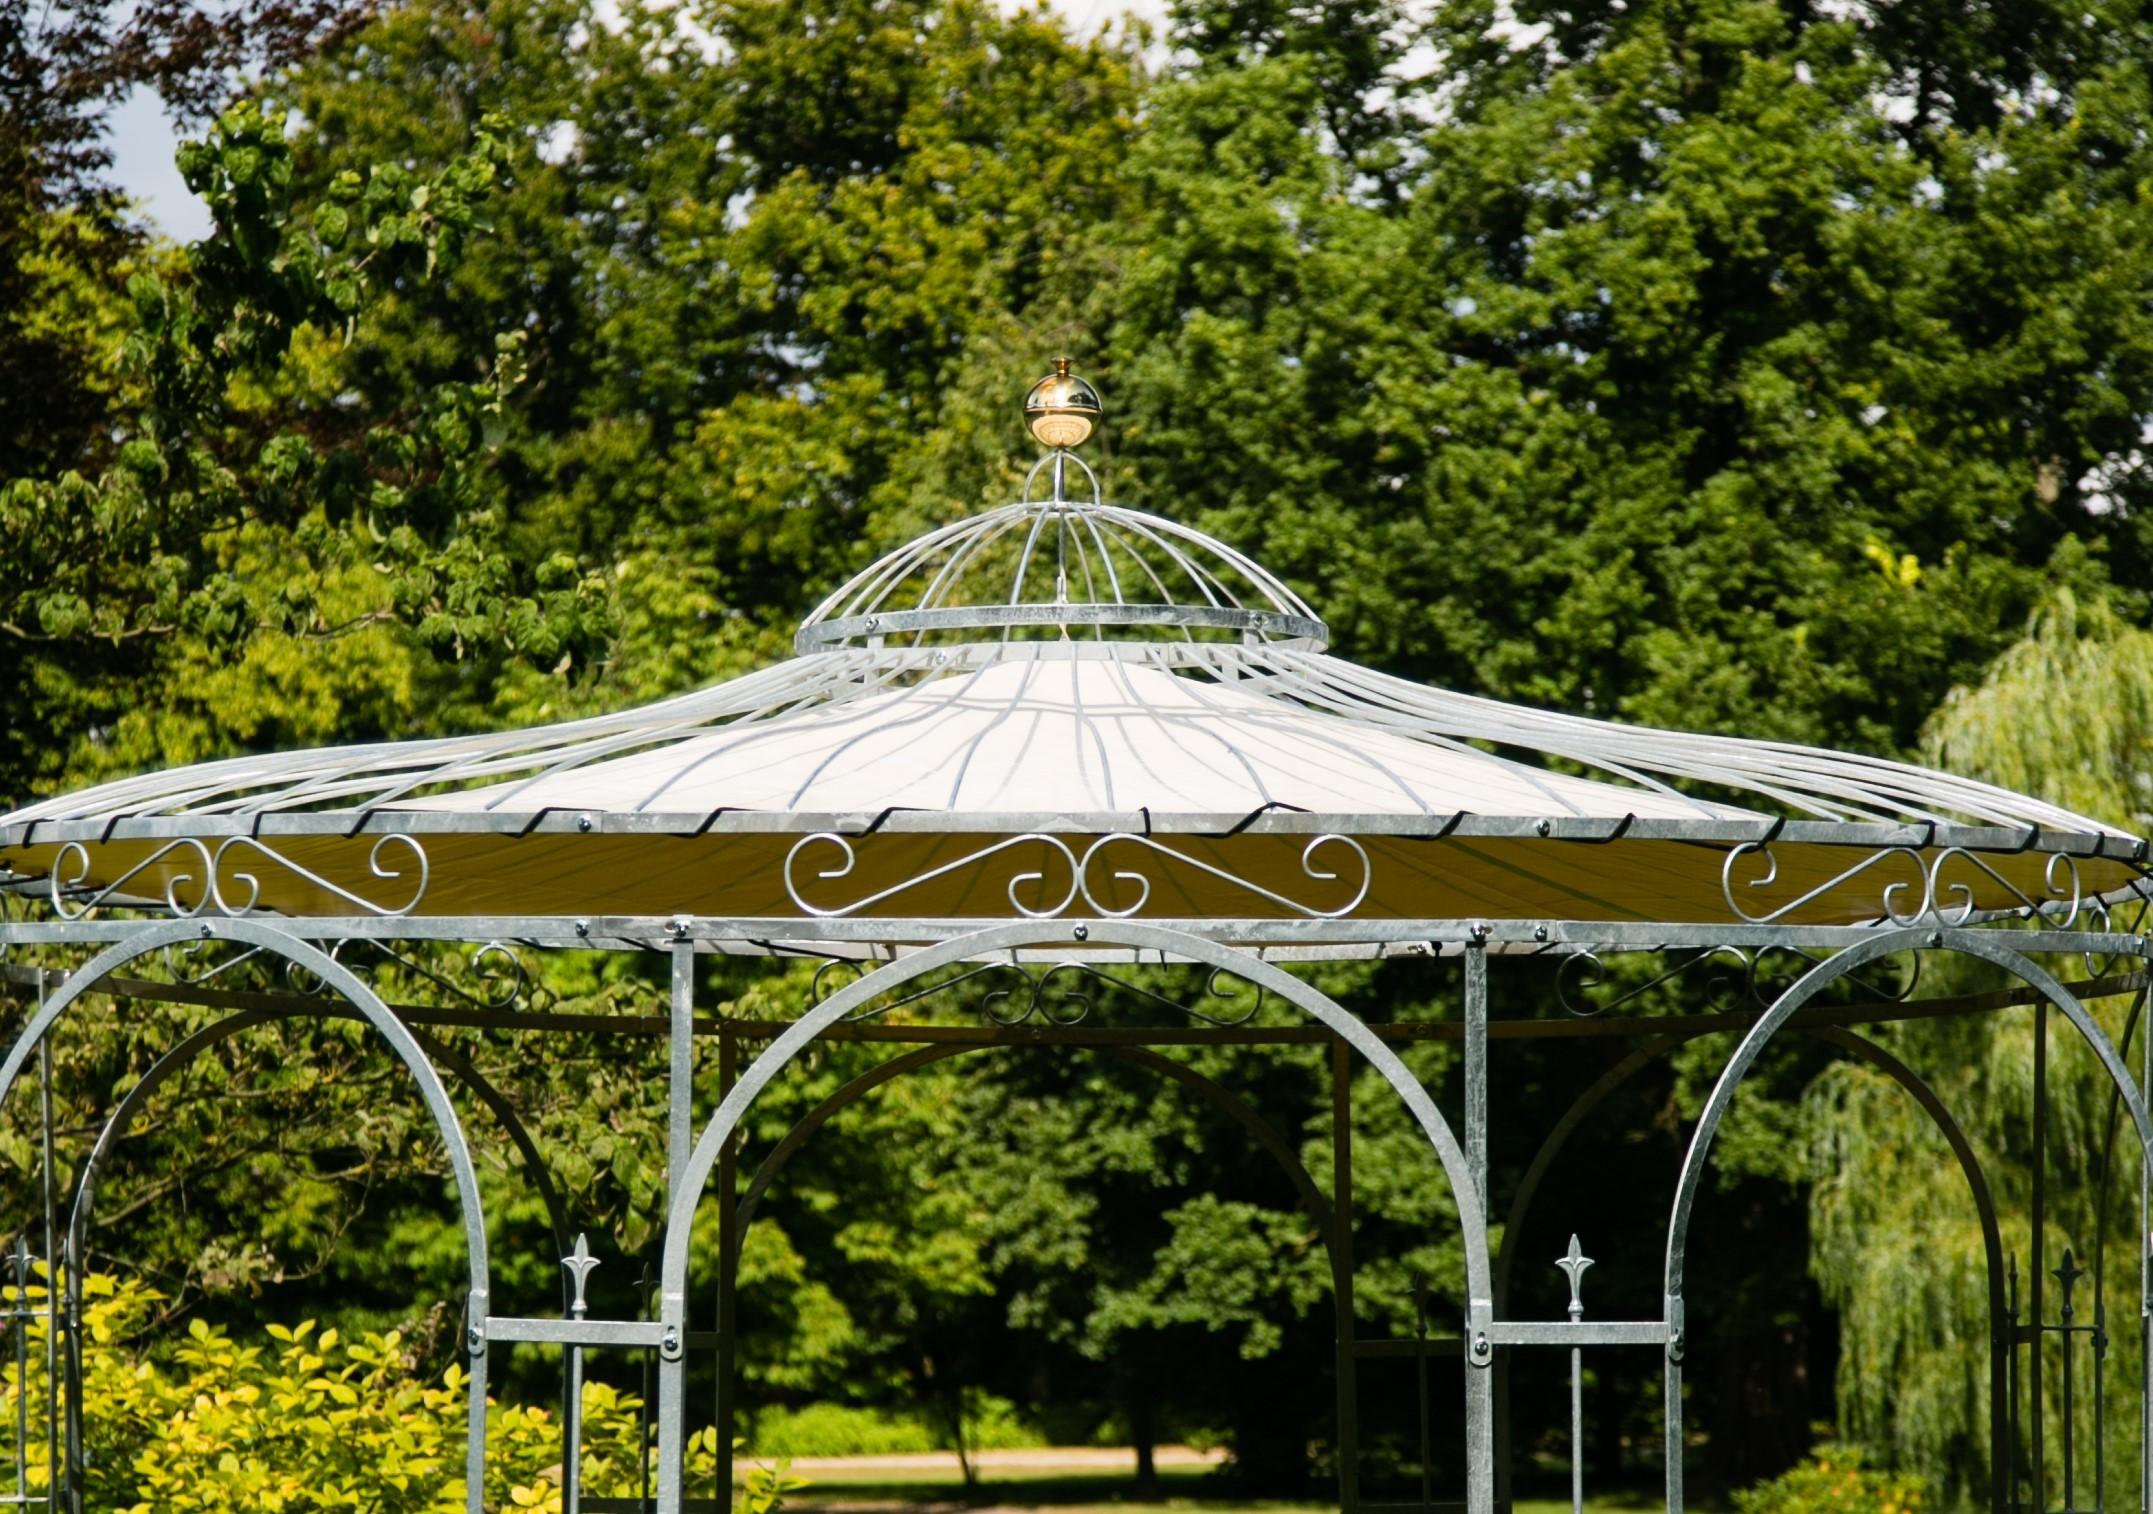 Full Size of Garten Pavillion 3x3 Pavillon Winterfest Holz Gartenpavillon Aus Baugenehmigung Kaufen Luxus Rund Holzhaus Metall Sonnenschutz Fr Eleganz 250cm Spielanlage Garten Garten Pavillion